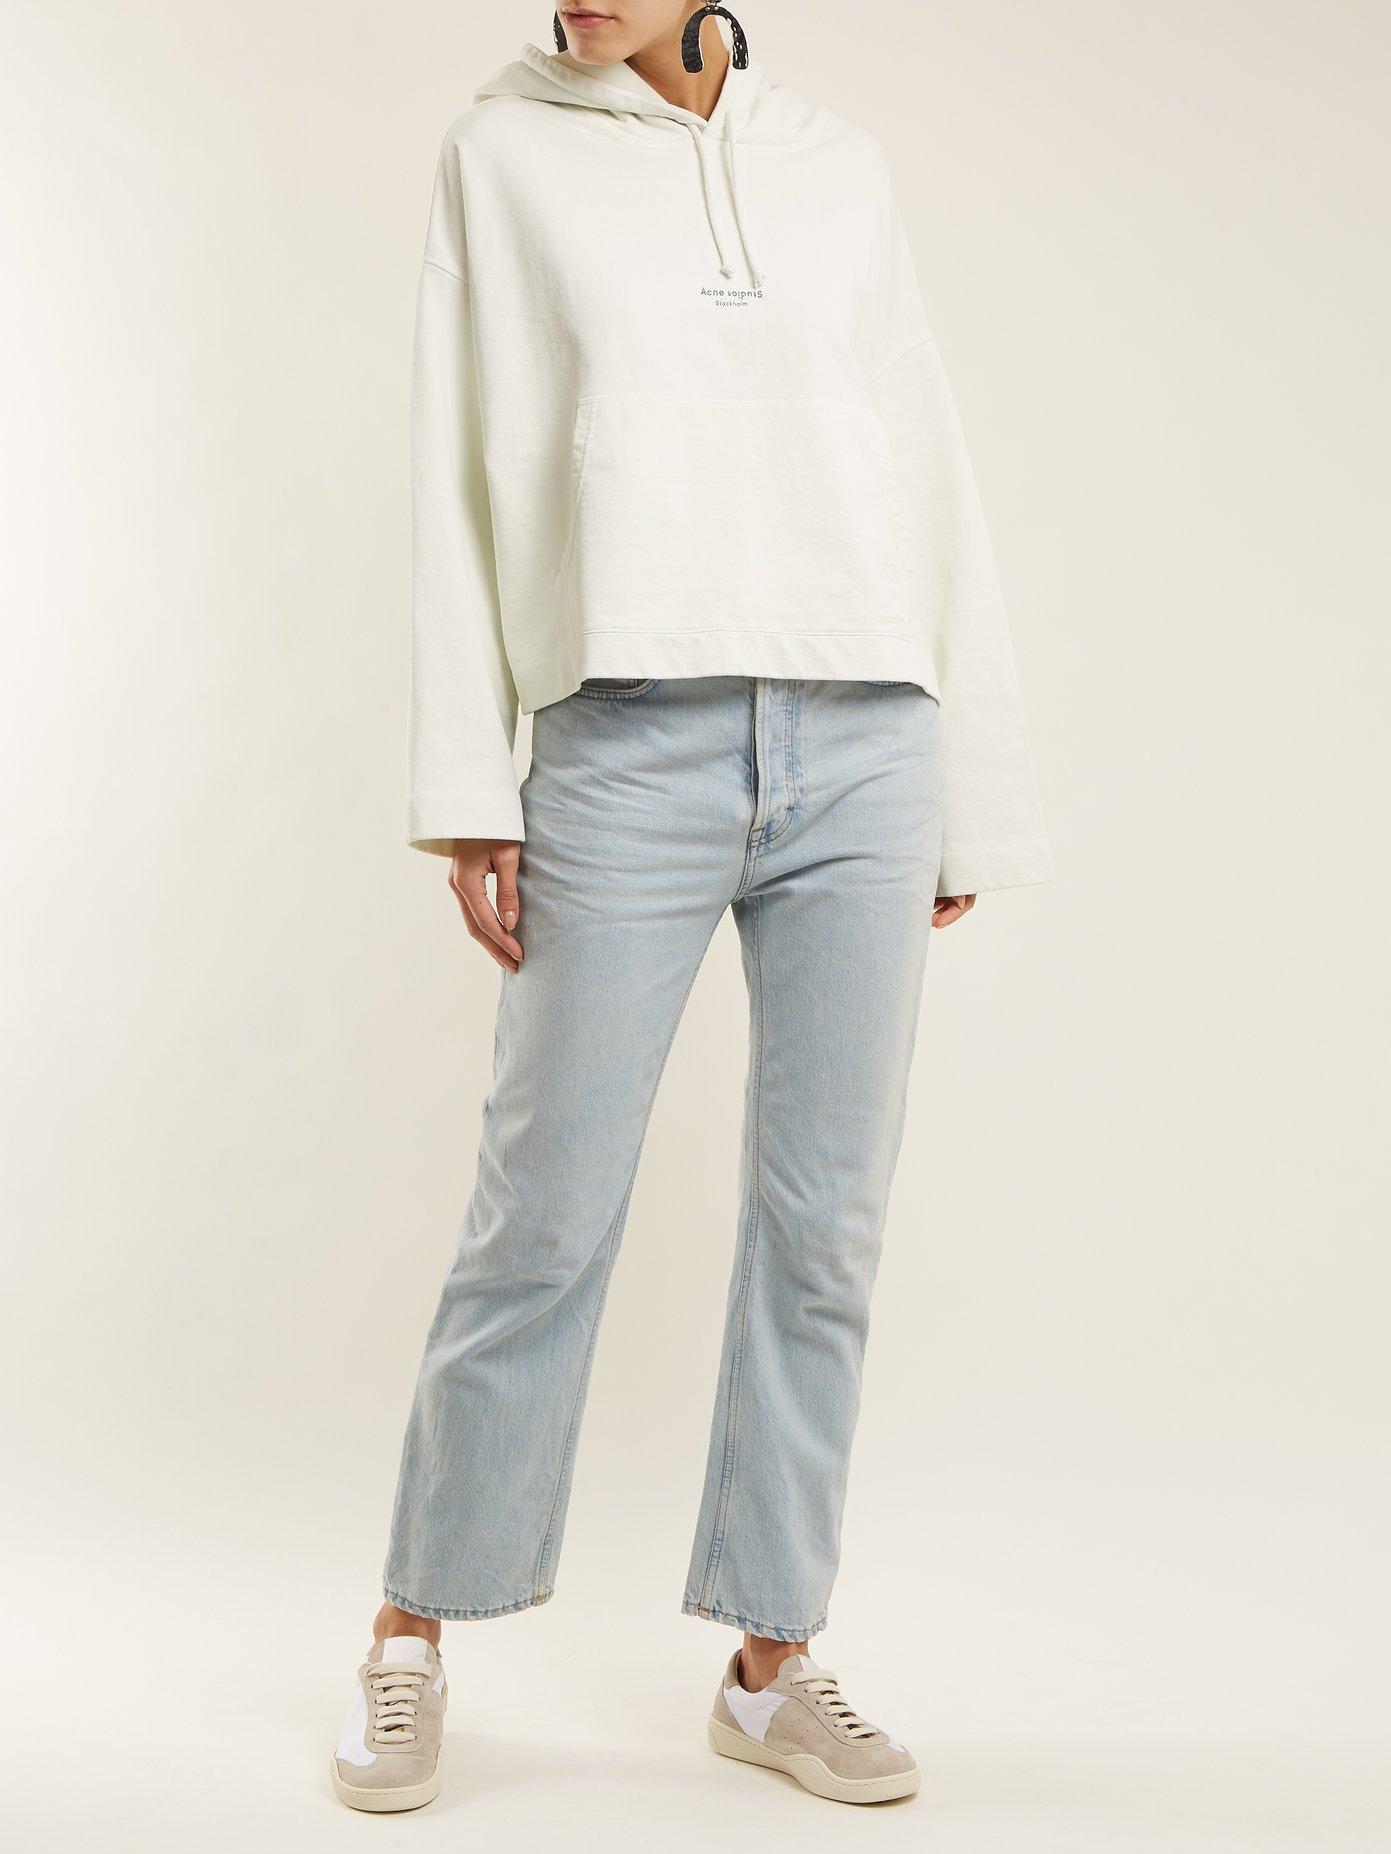 acne bf jeans.jpg